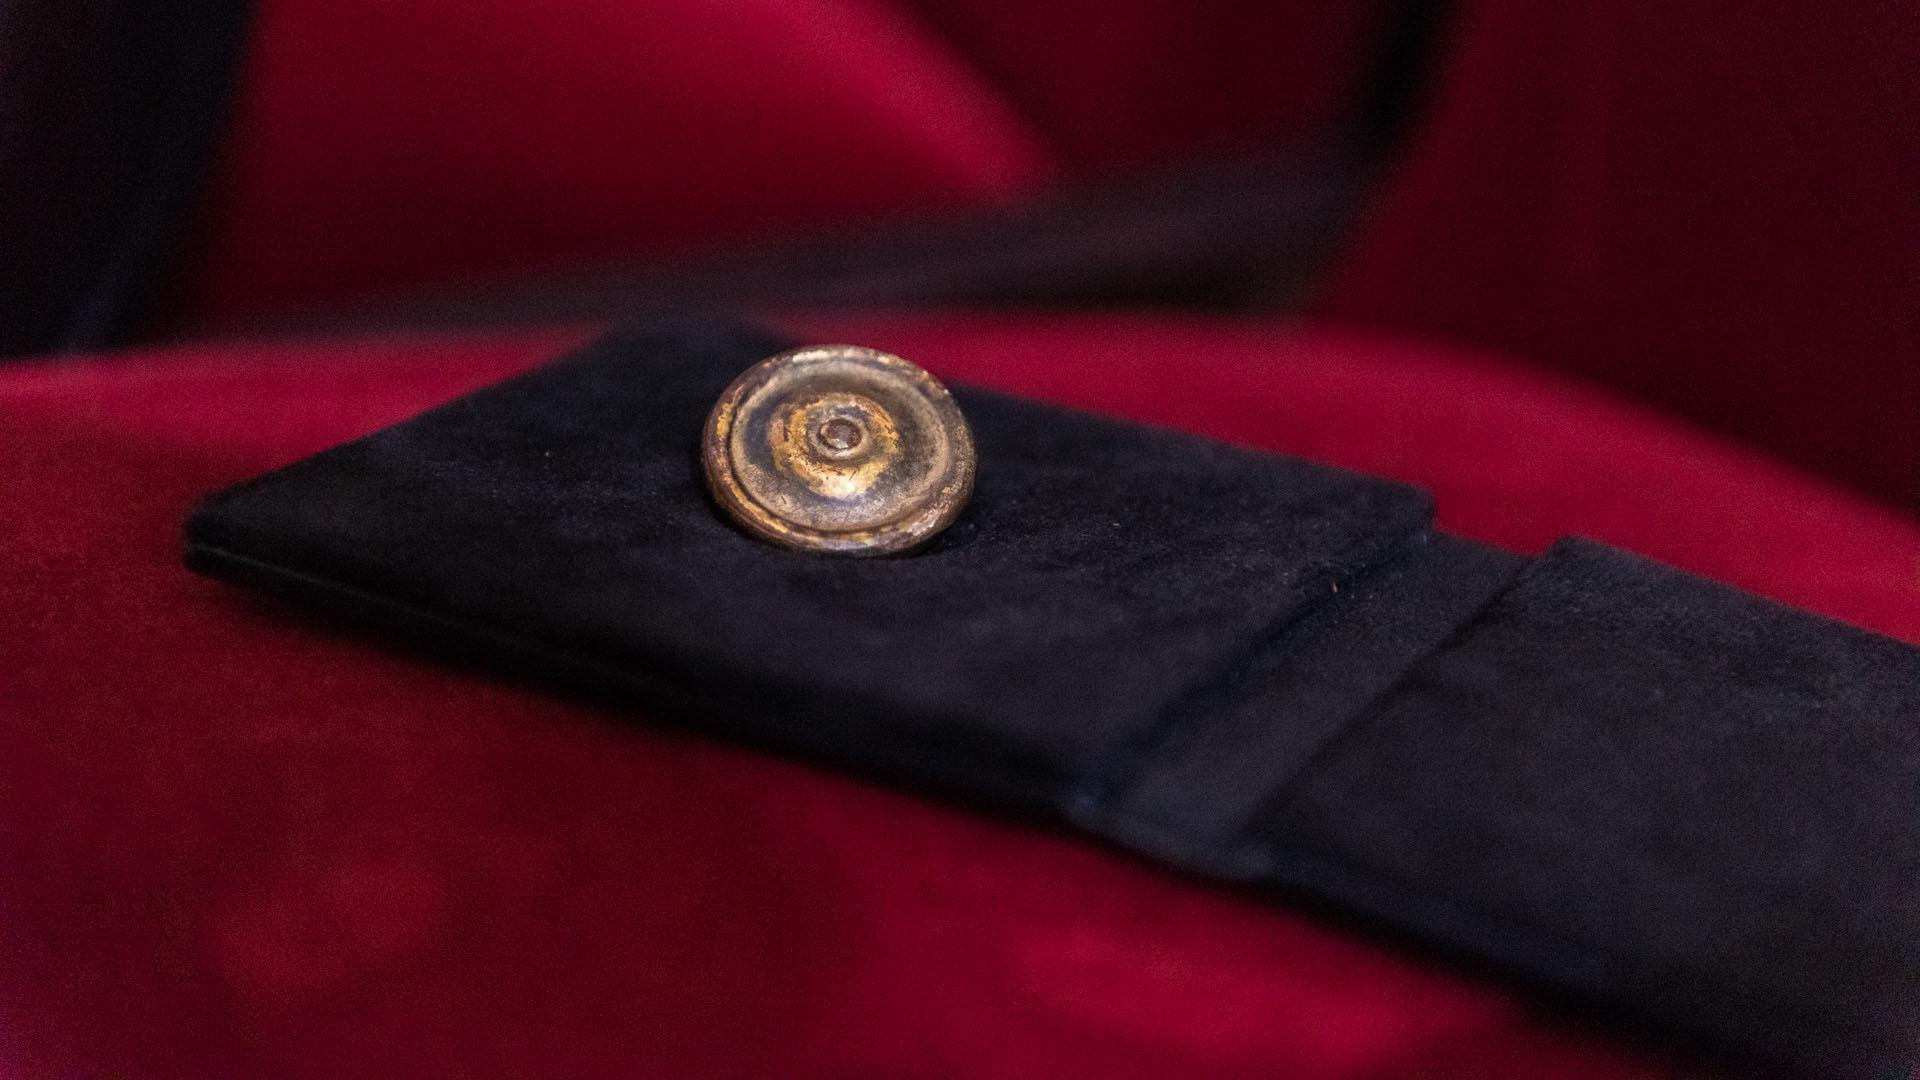 Las rosetas, representativas de cada butaca, también recobraron su valor